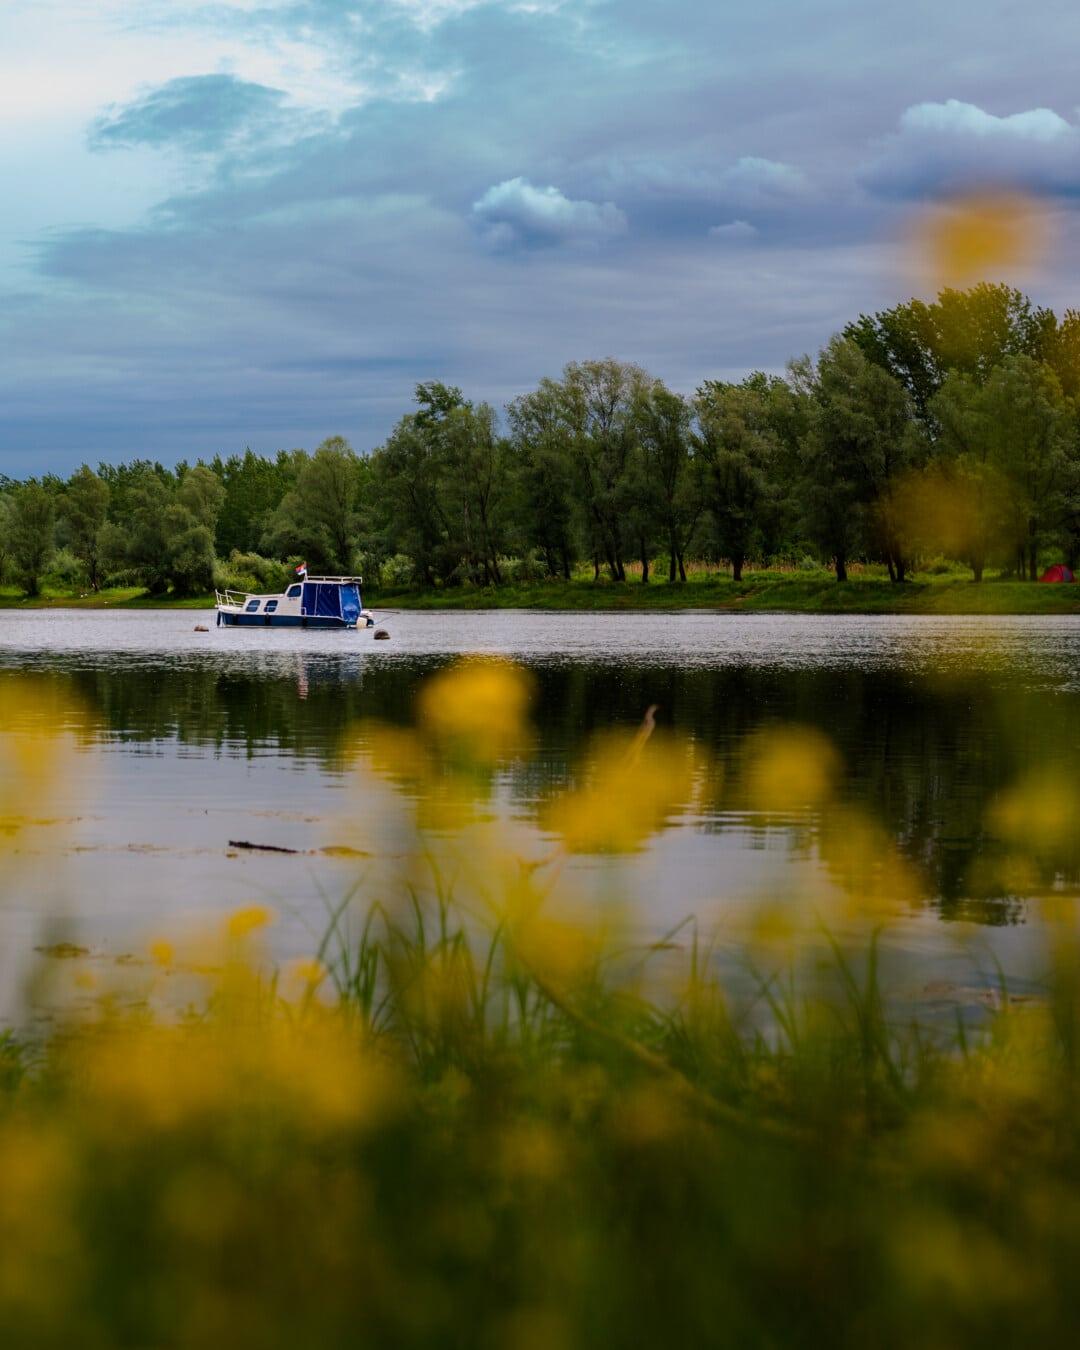 åstranden, motorbåt, reflektion, sjön, landskap, floden, vatten, Shore, Utomhus, naturen